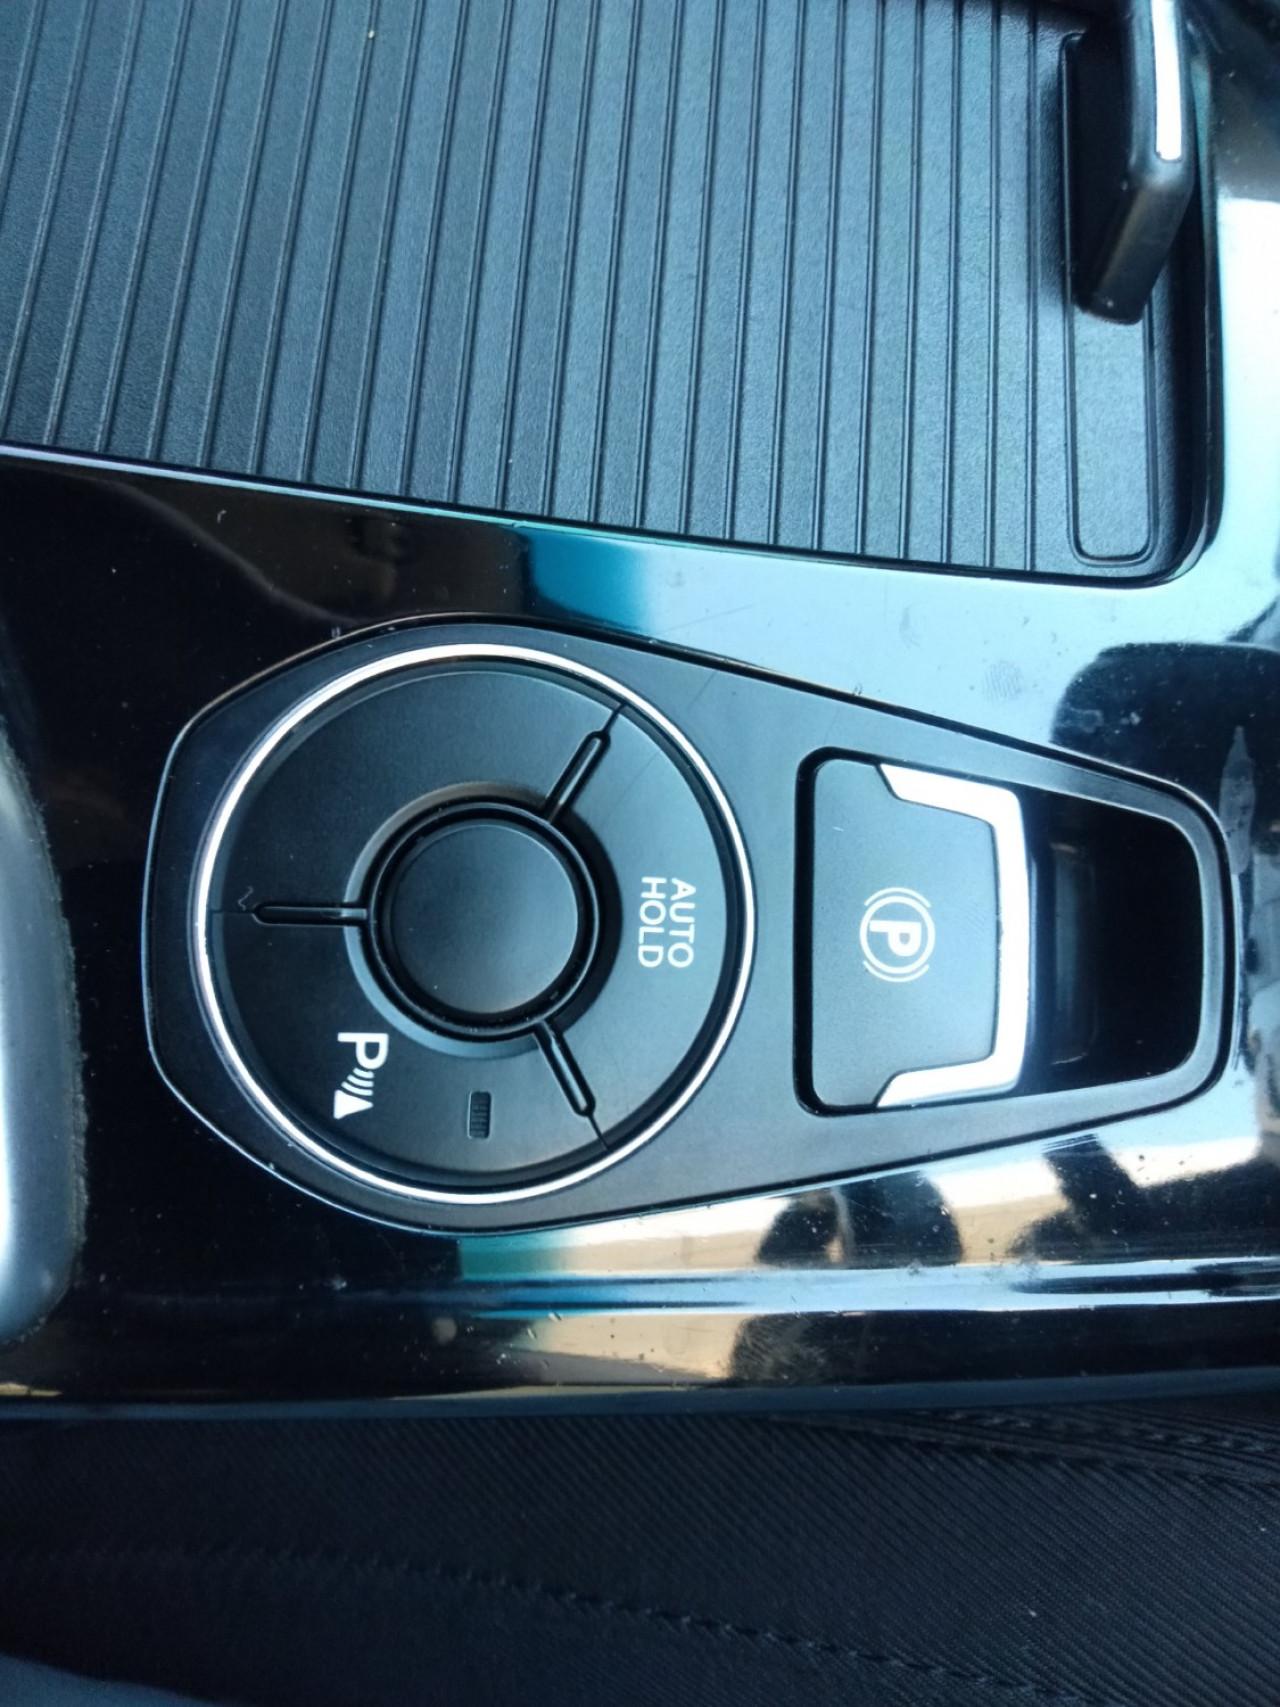 2013 Hyundai I40 VF2 ACTIVE Wagon Image 9